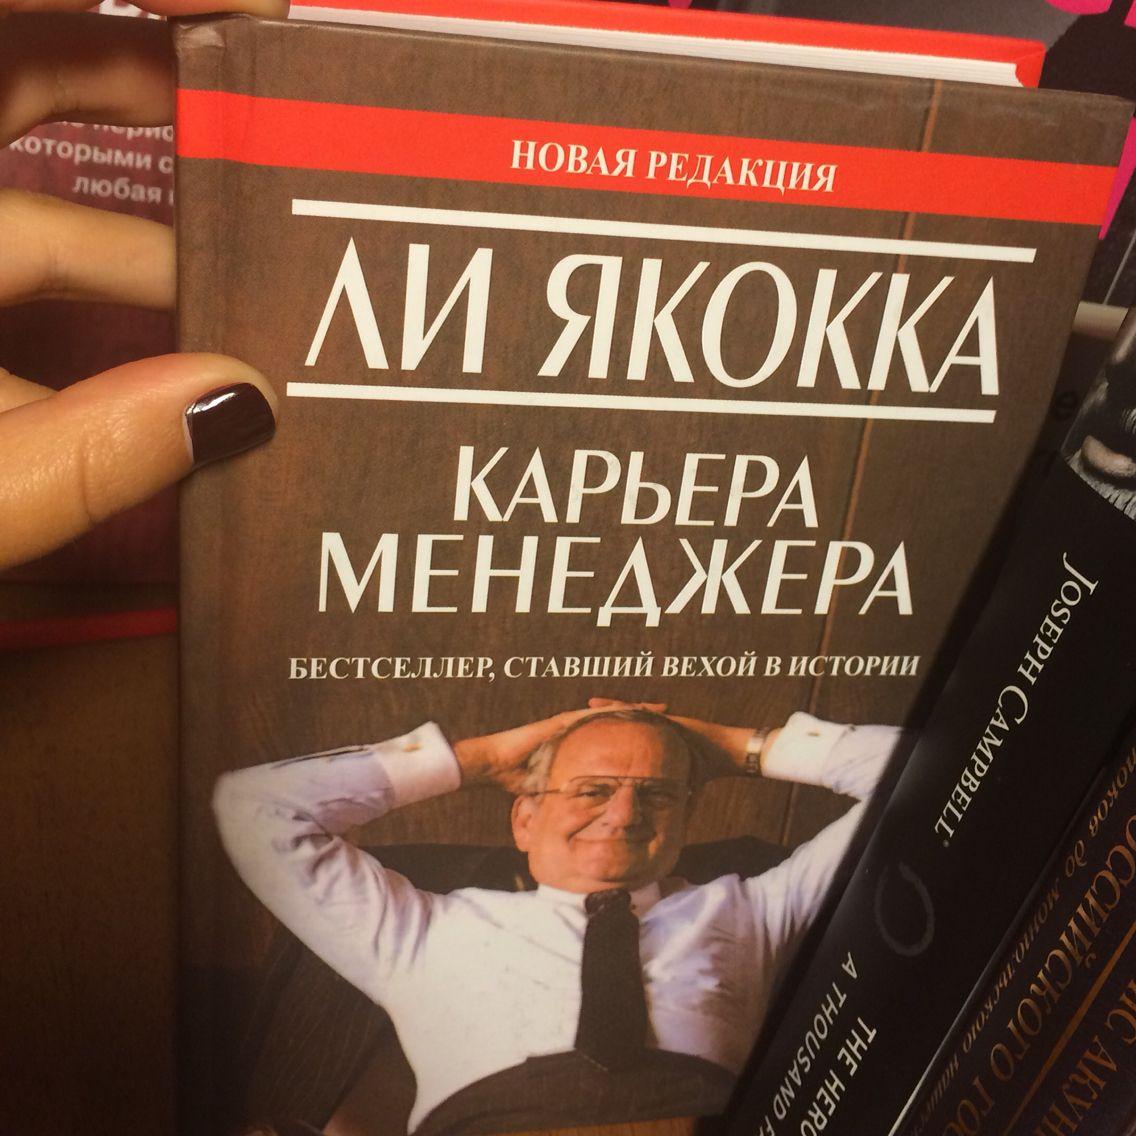 Скачать и читать книгу карьера менеджера » (ли якокка) fb2, epub.